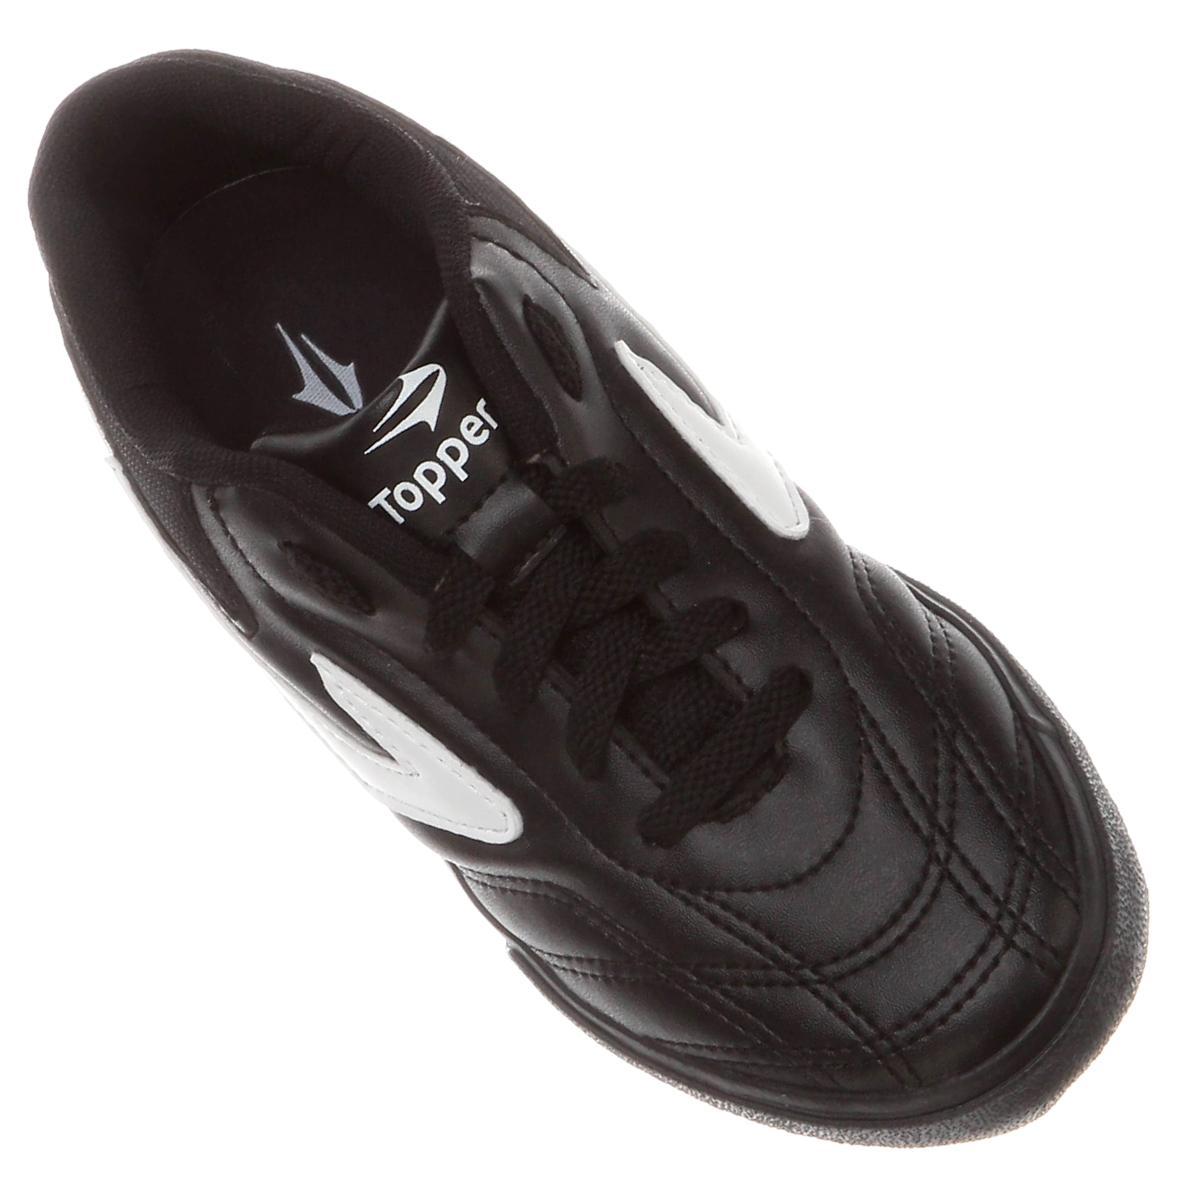 8bb1715a722 Tênis Dominator Preto Branco Infantil - Topper - Tênis de Futsal ...